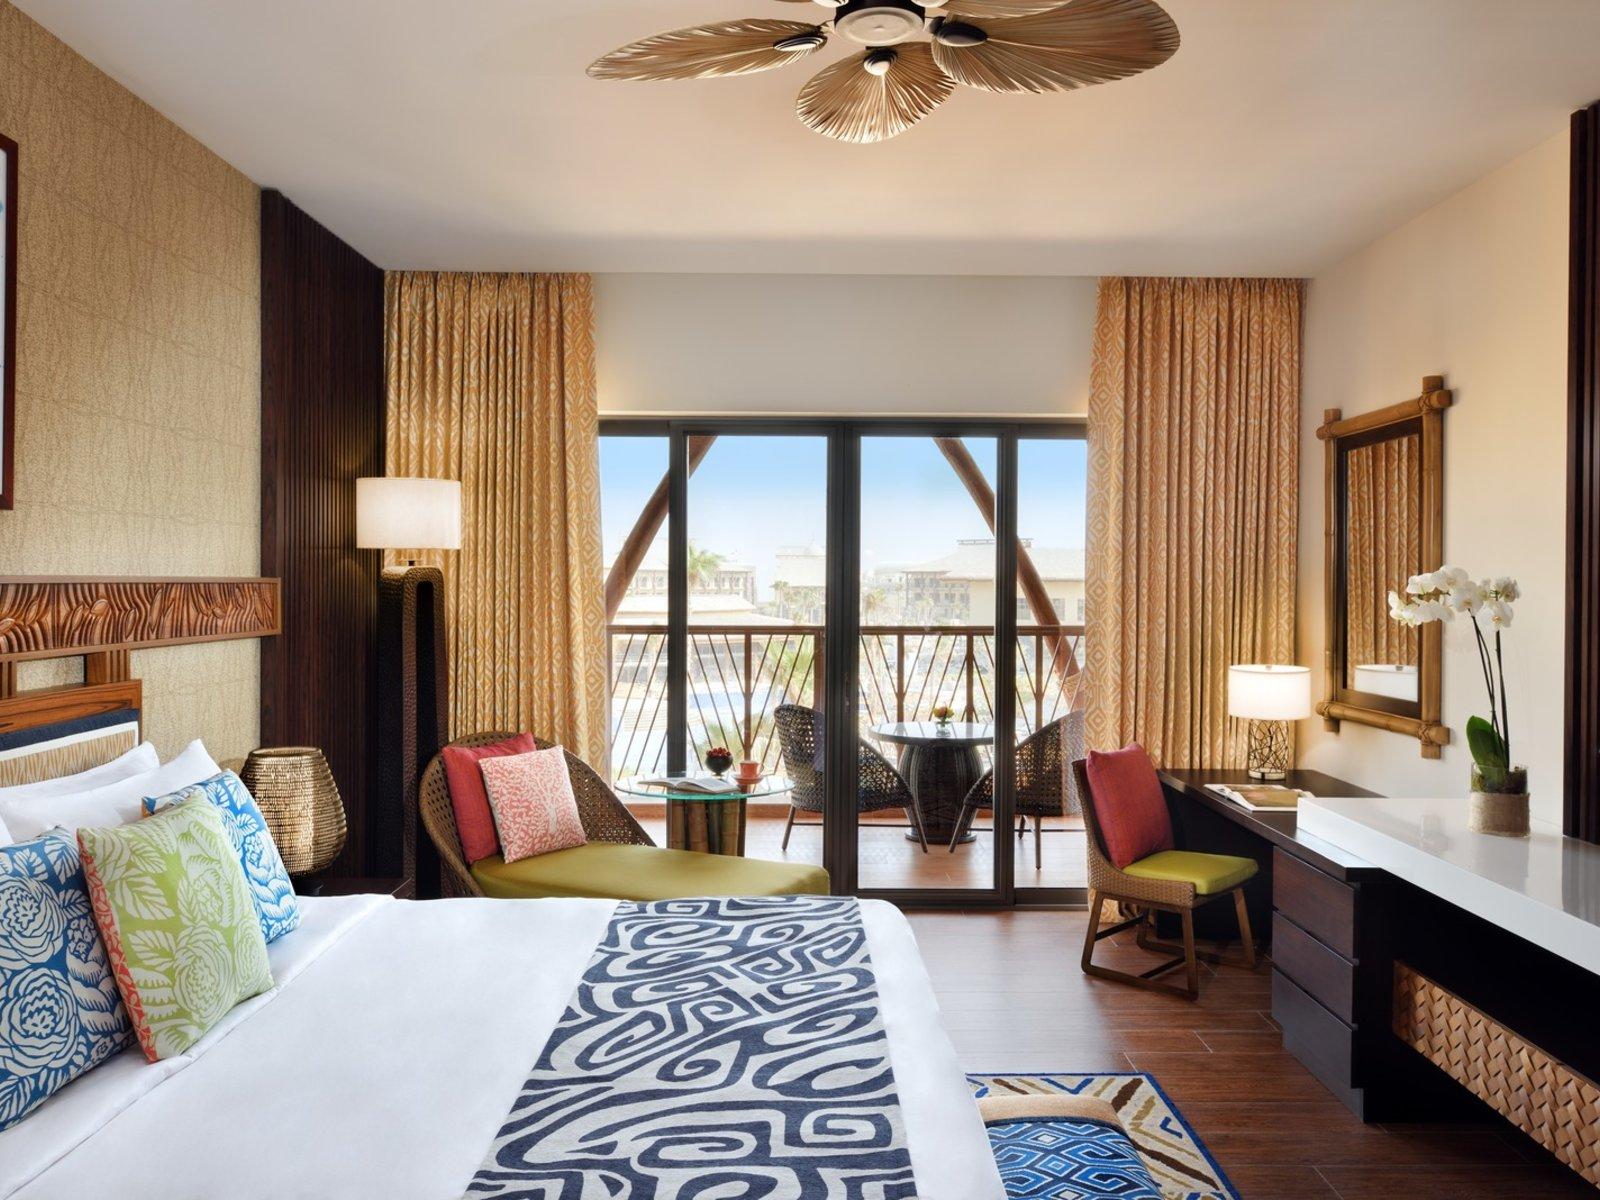 Wohnbeispiel Deluxe King Room Resort View